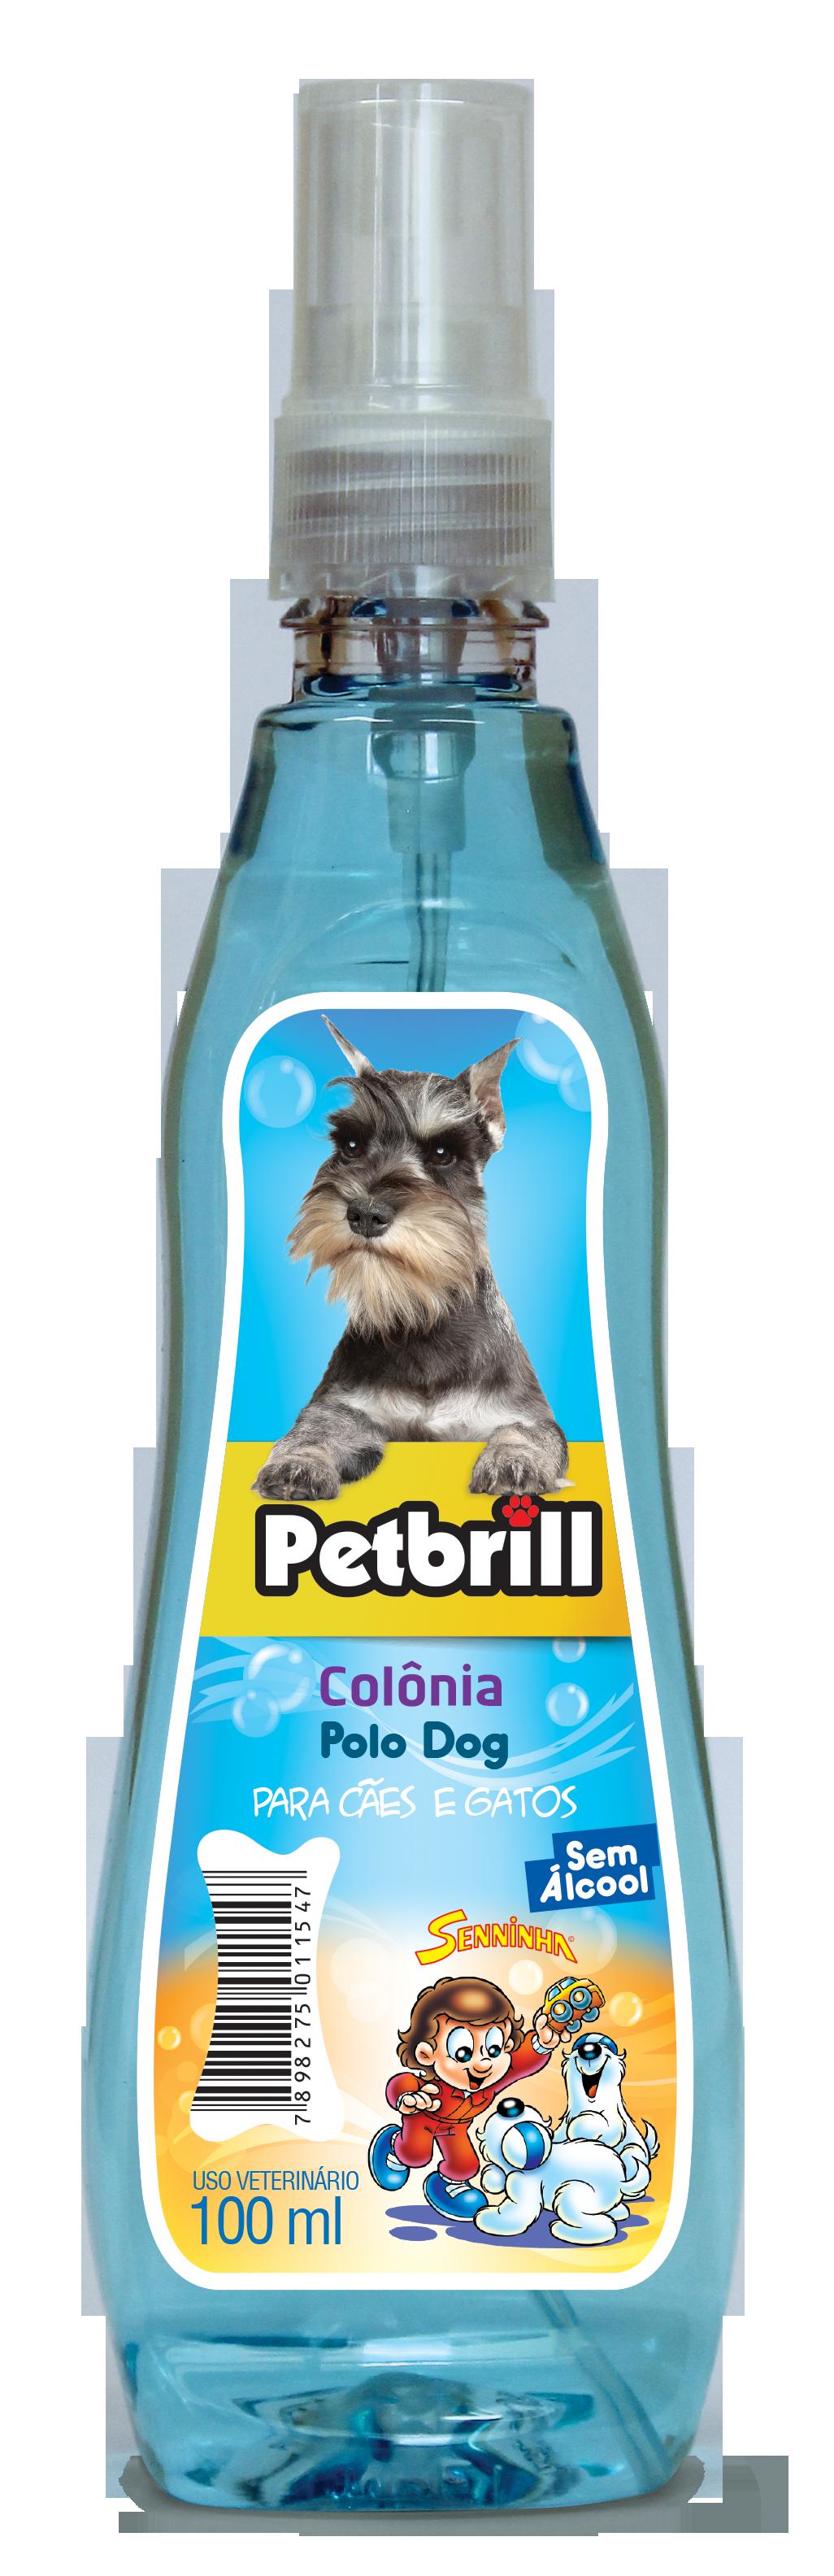 COLÔNIA POLO DOG